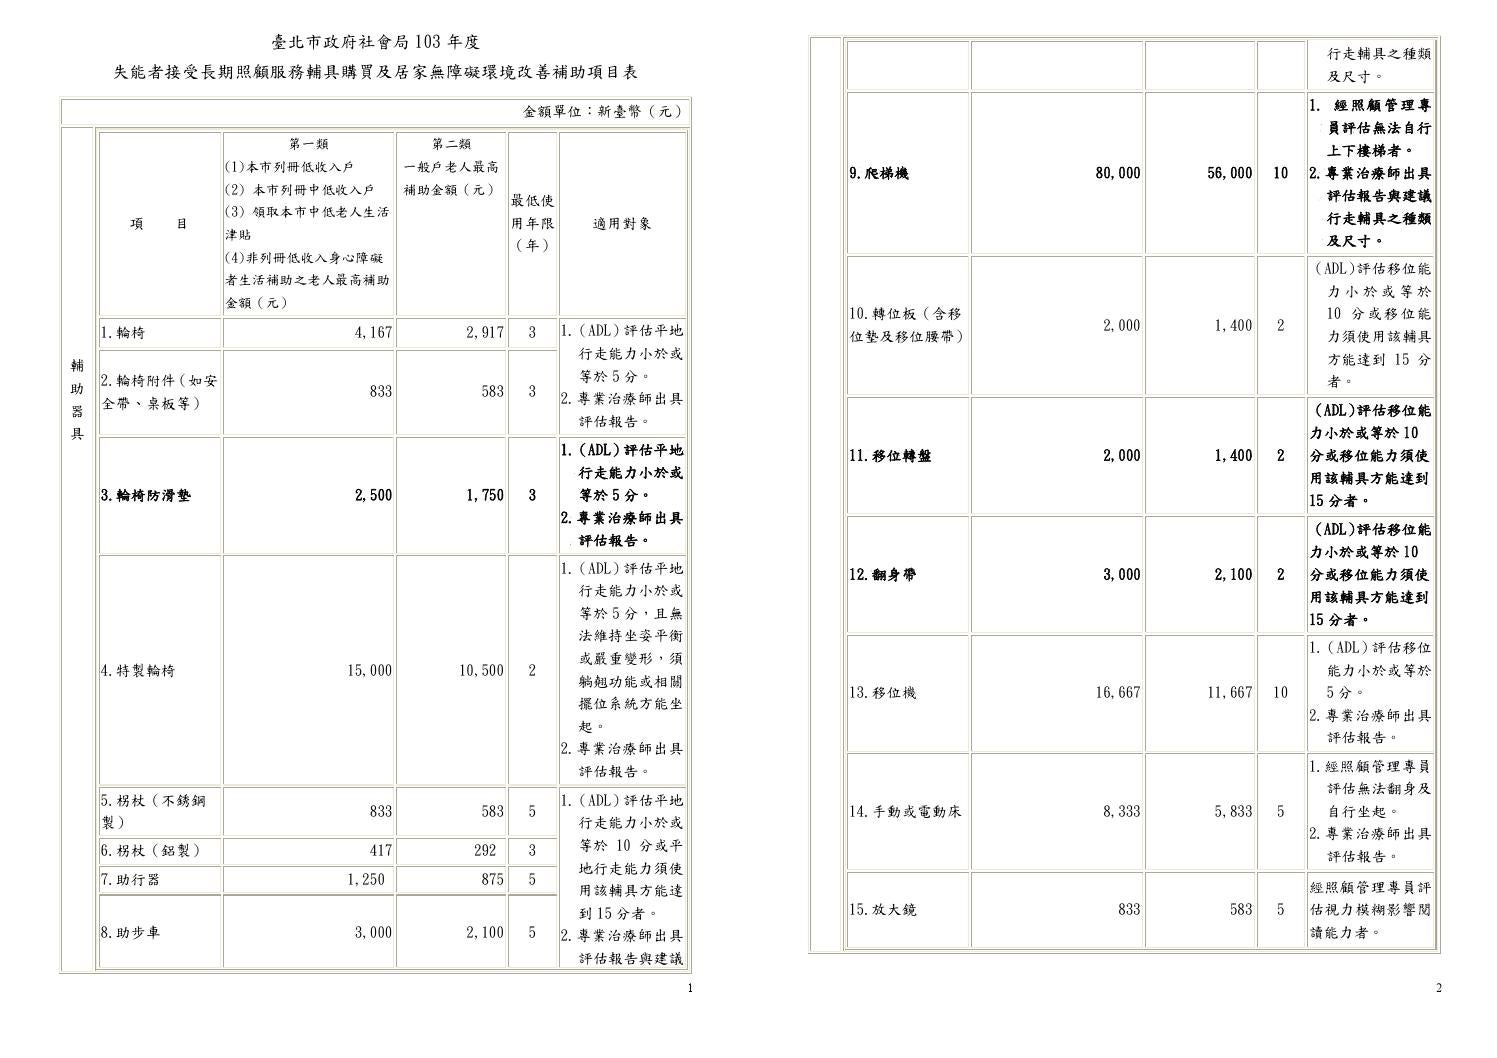 2 臺北市失能老人103年度補助項目表 by insight ewpg - Issuu